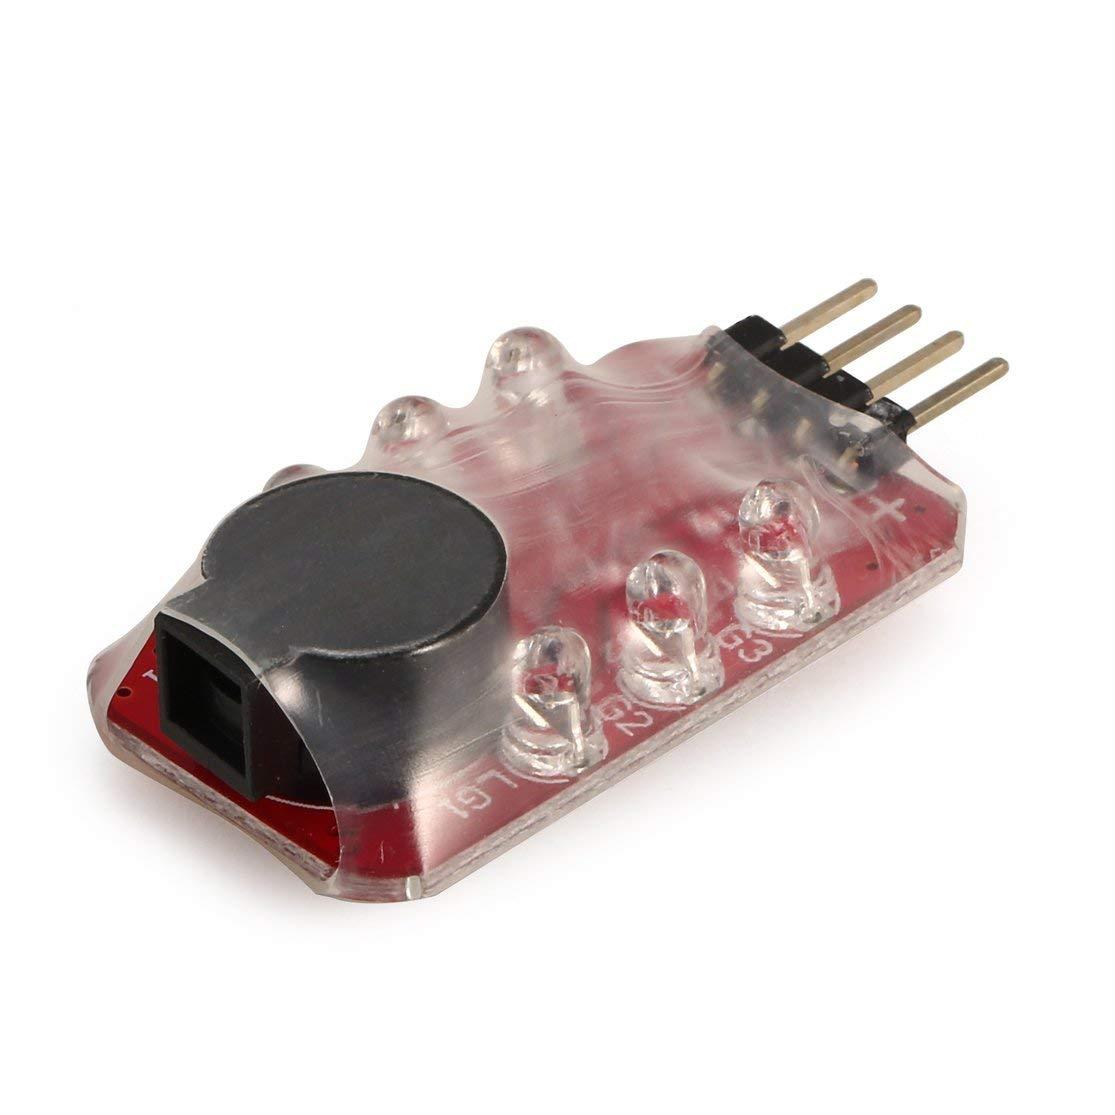 3s 11.1v Batterie lipo LouiseEvel215 Basse Batterie Lipo Tension Compteur De Tension Testeur Buzzer Indicateur Alarme Simple Haut Parleur pour 2s 7.4v